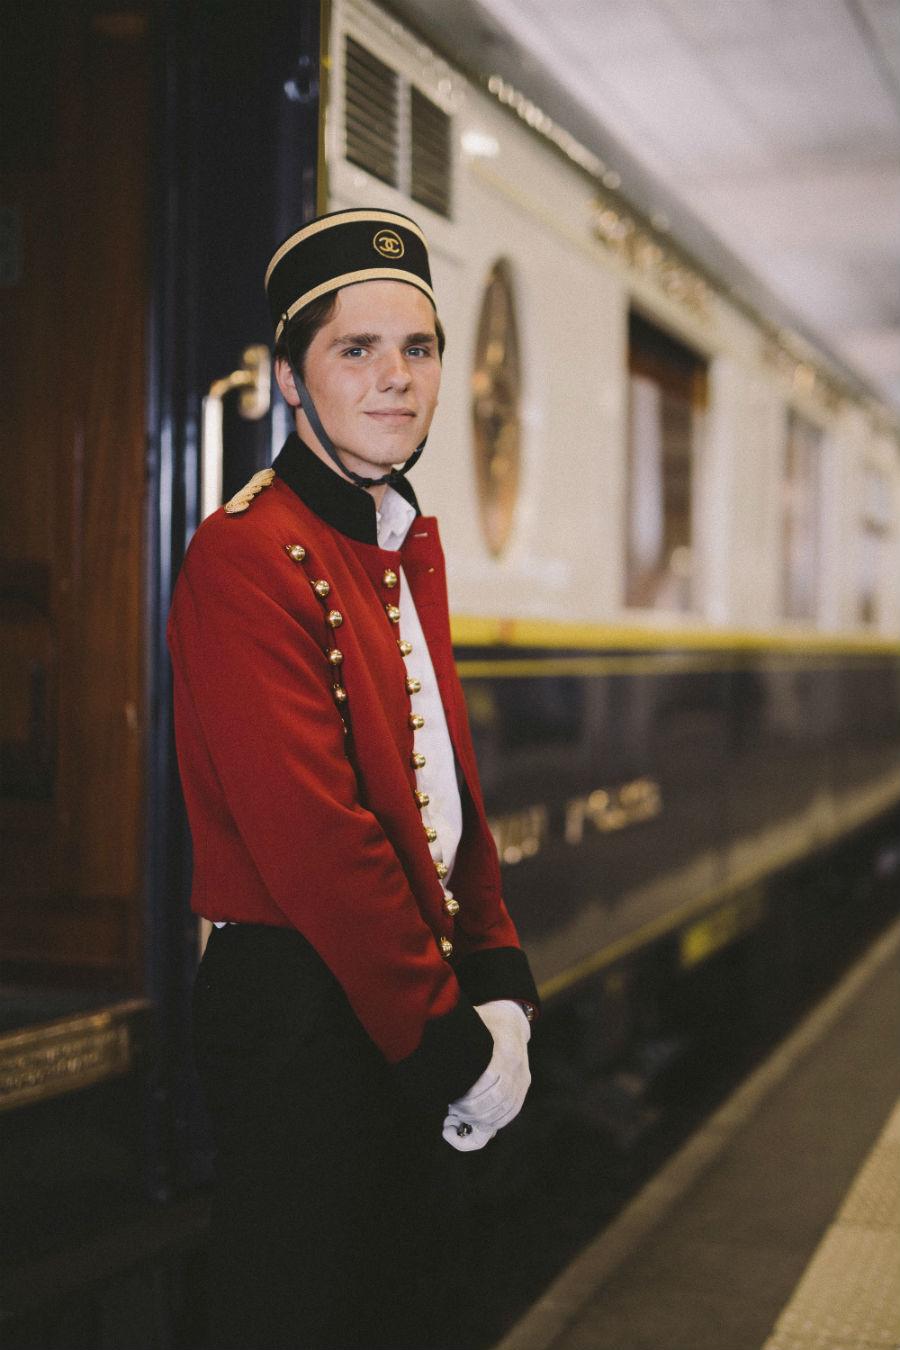 Profumi Chanel - collezione Eaux de Chanel: nell'immagine un ragazzo con la divisa dell'Orient Express